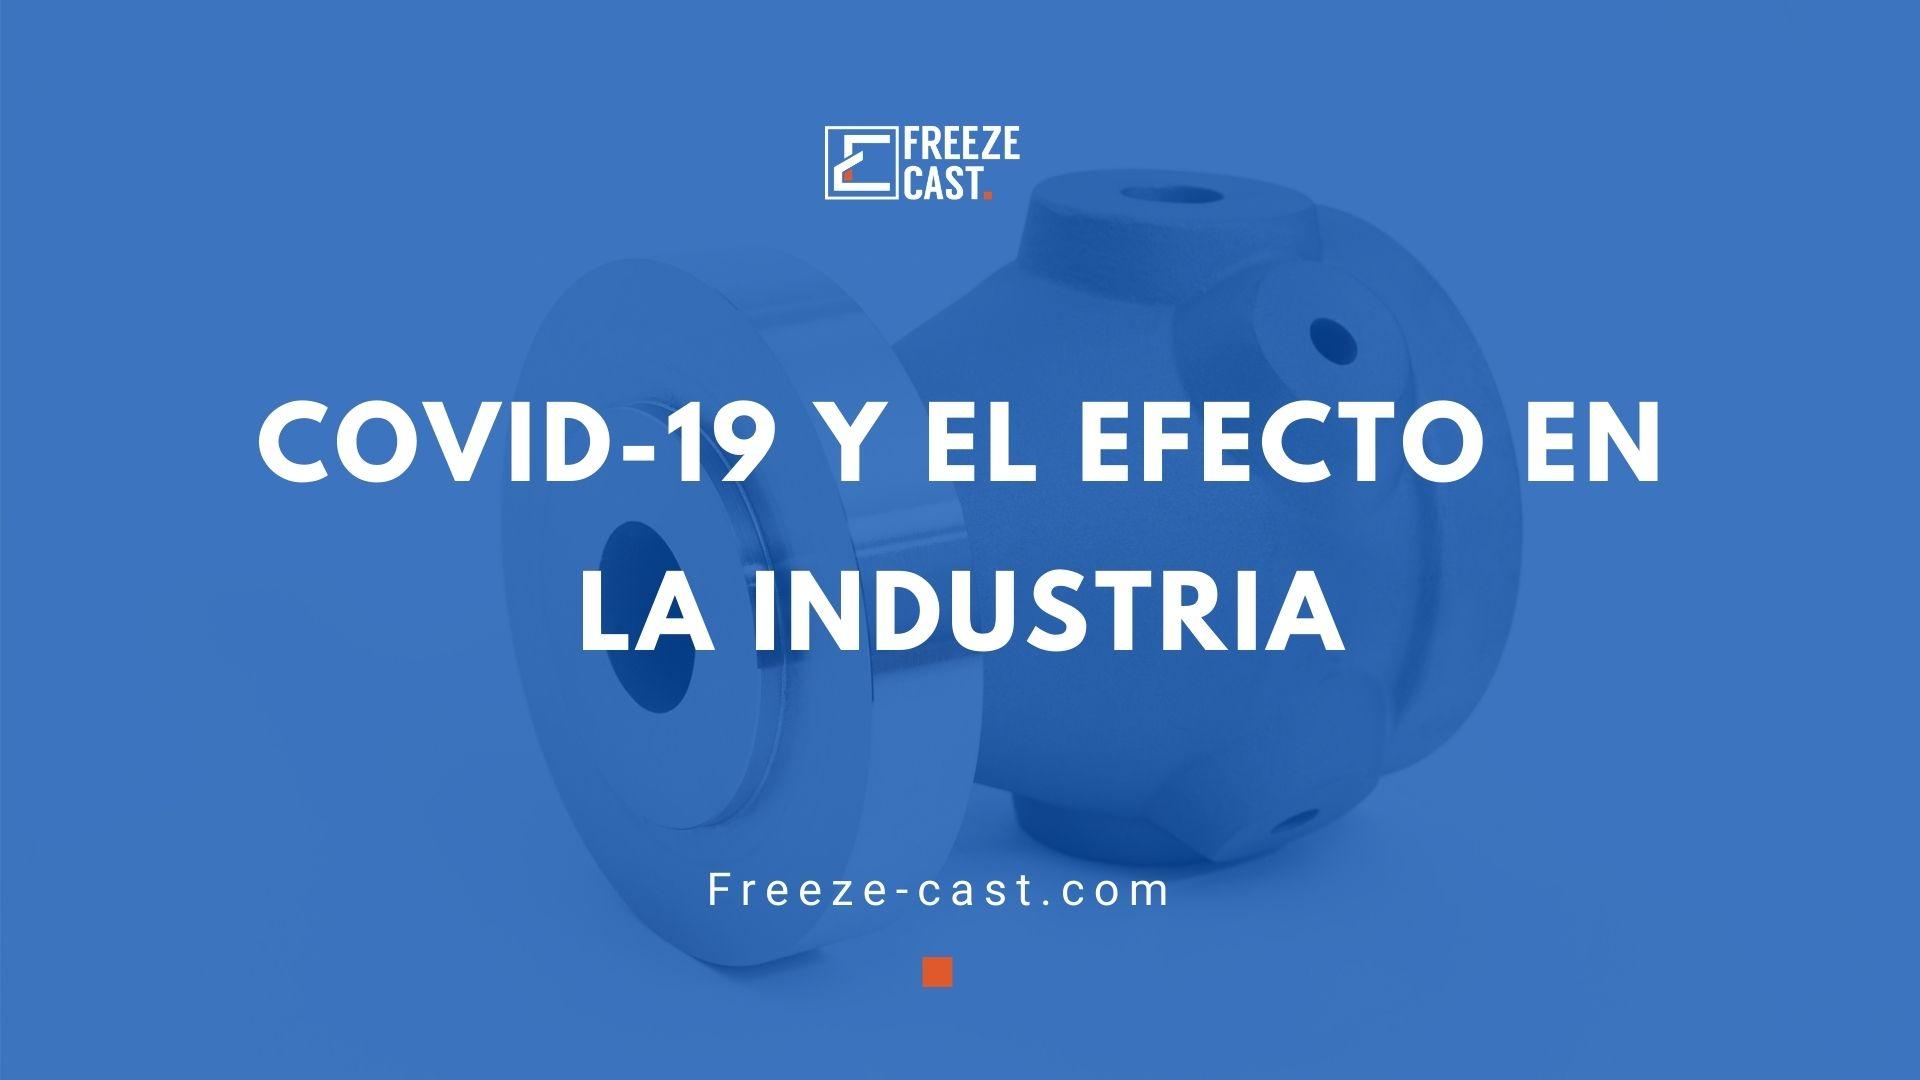 COVID-19 y el efecto en la industria